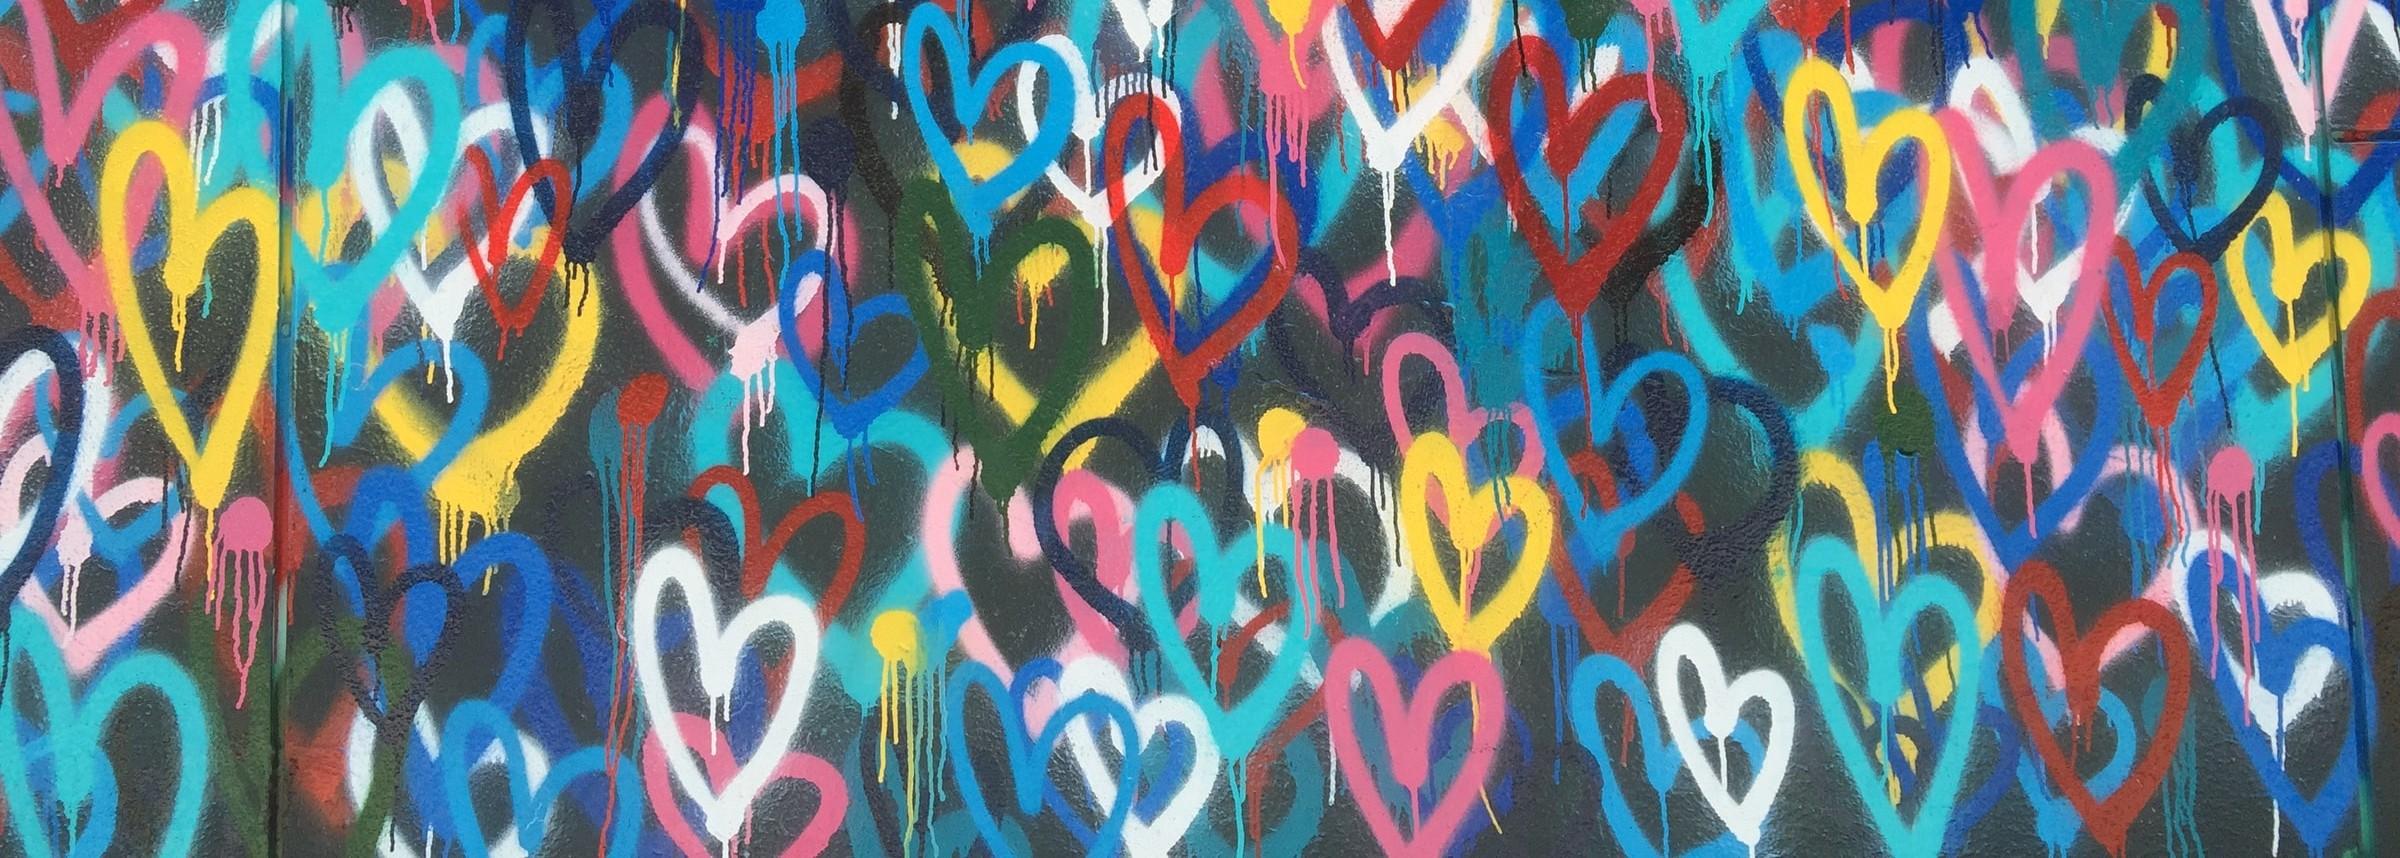 Graffiti wall full of hearts